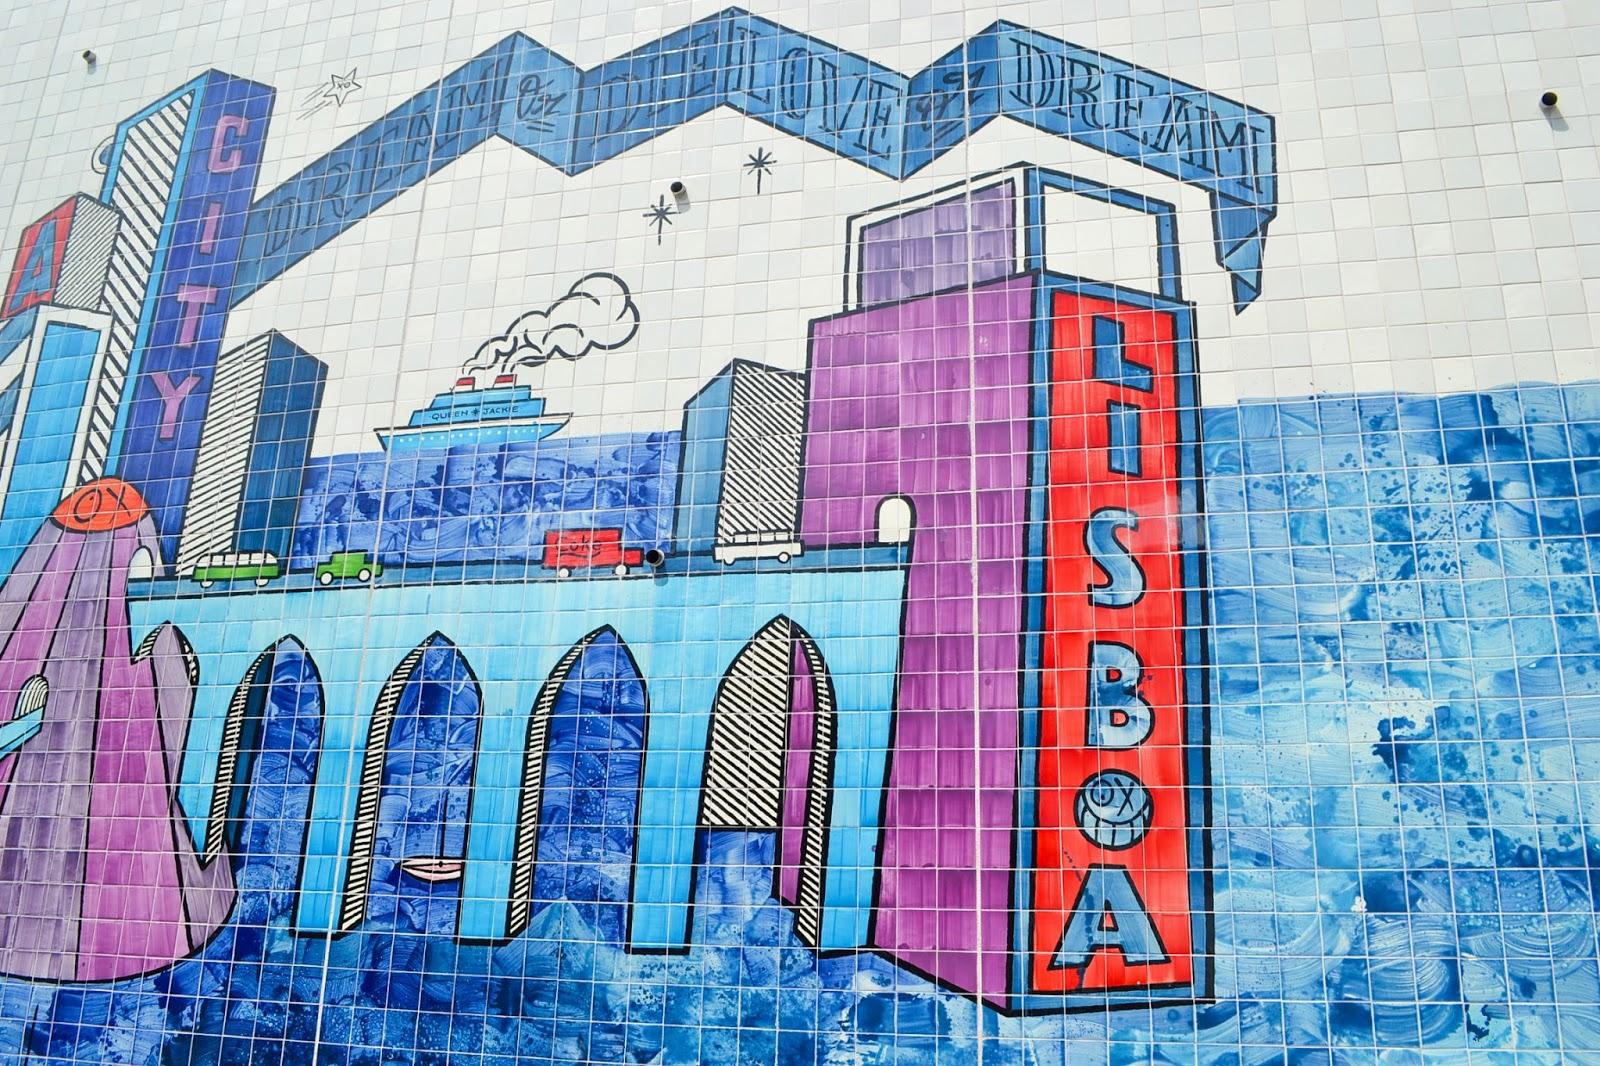 Feira da Ladra, Lisbon, Portugal